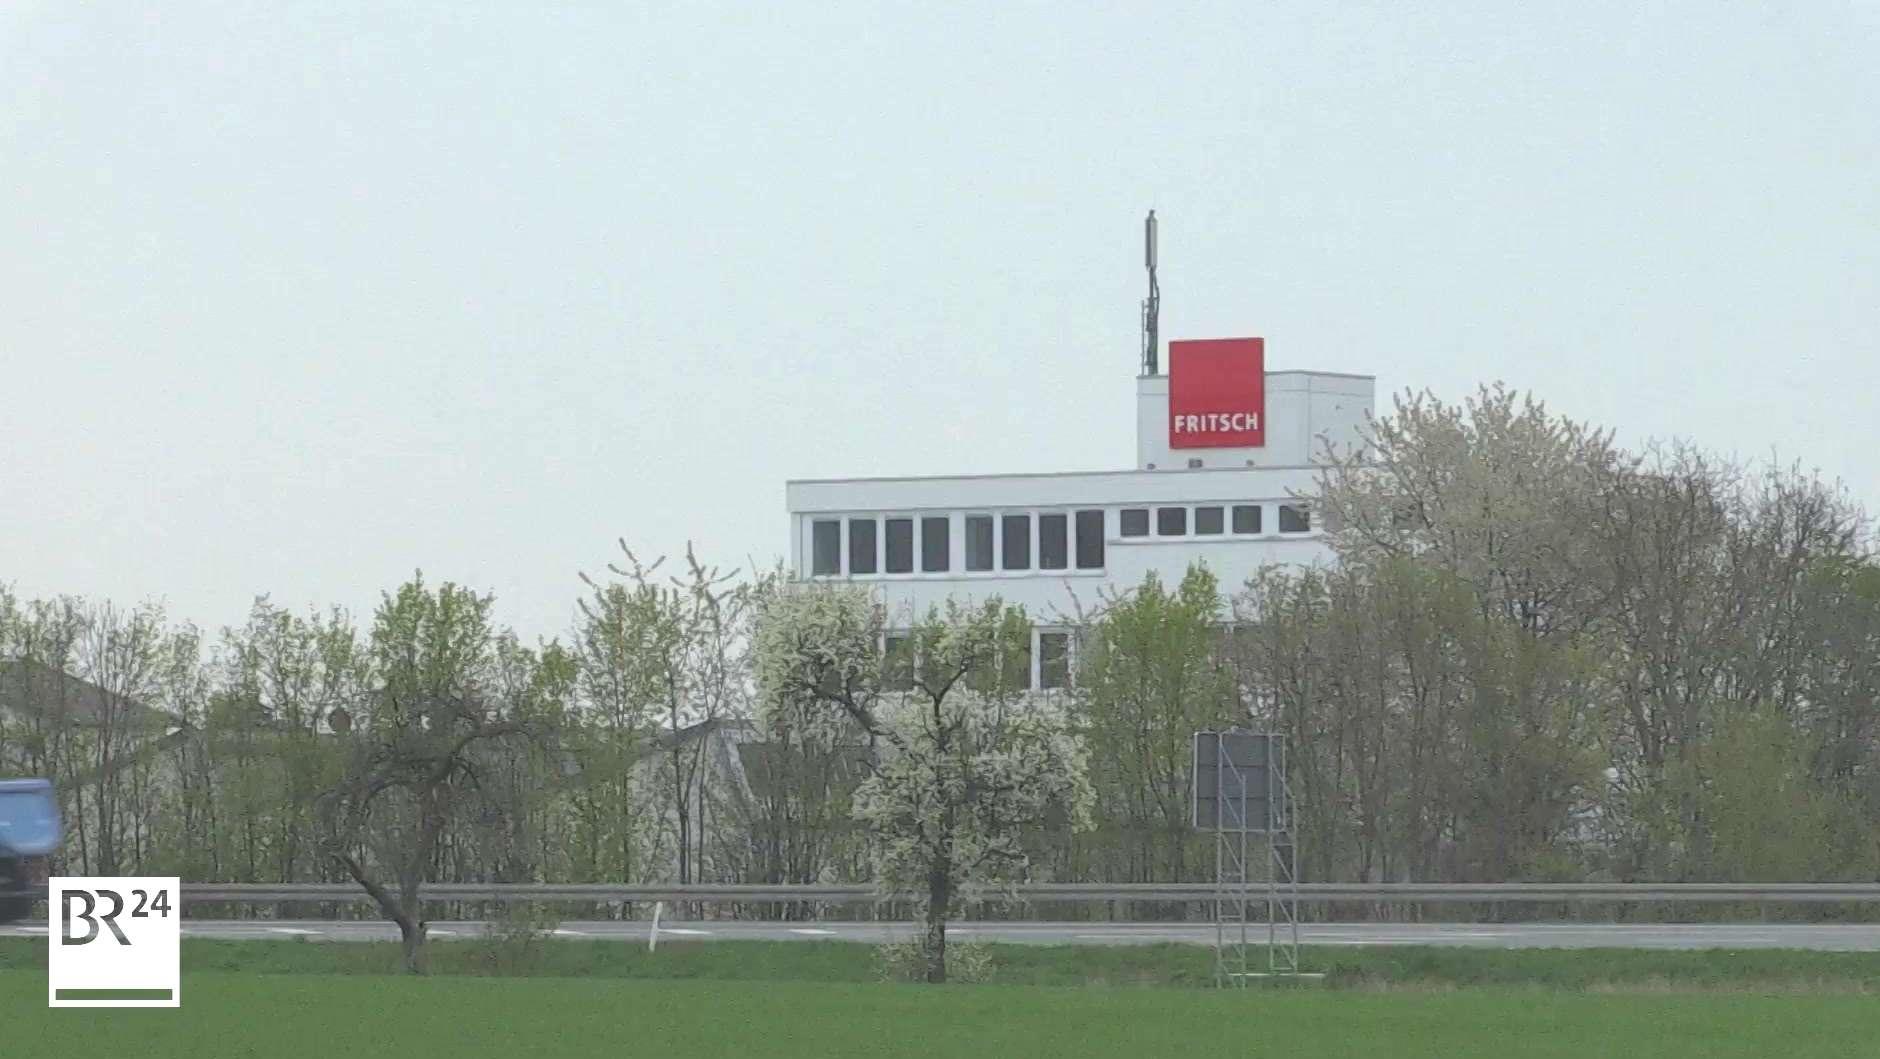 Fritsch GmbH am Standort Markt Einersheim